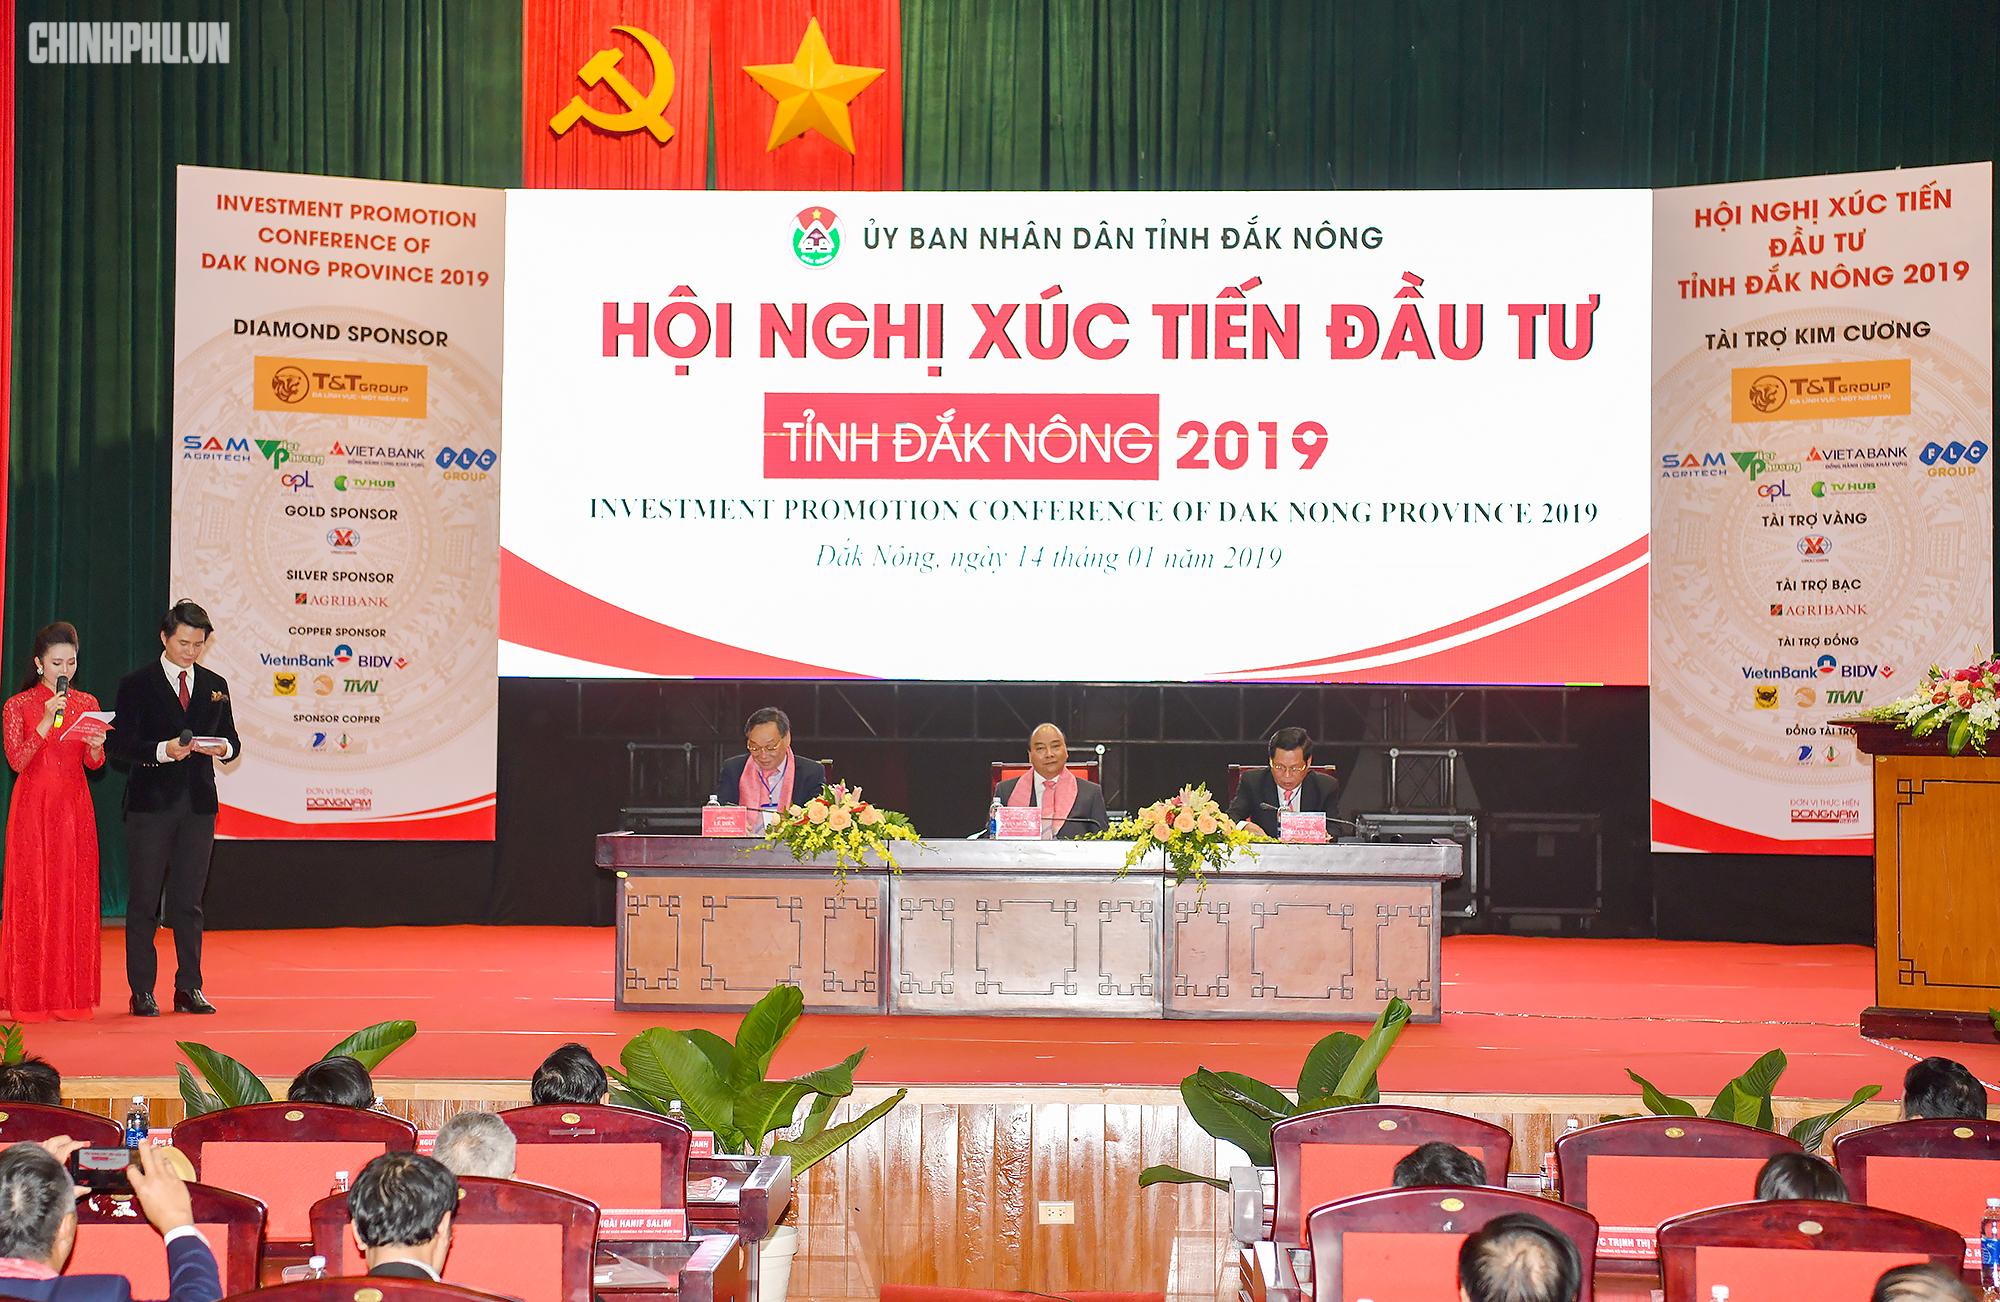 Thủ tướng: Thời gian tới Đắk Nông cần đầu tư quy hoạch phát triển đô thị